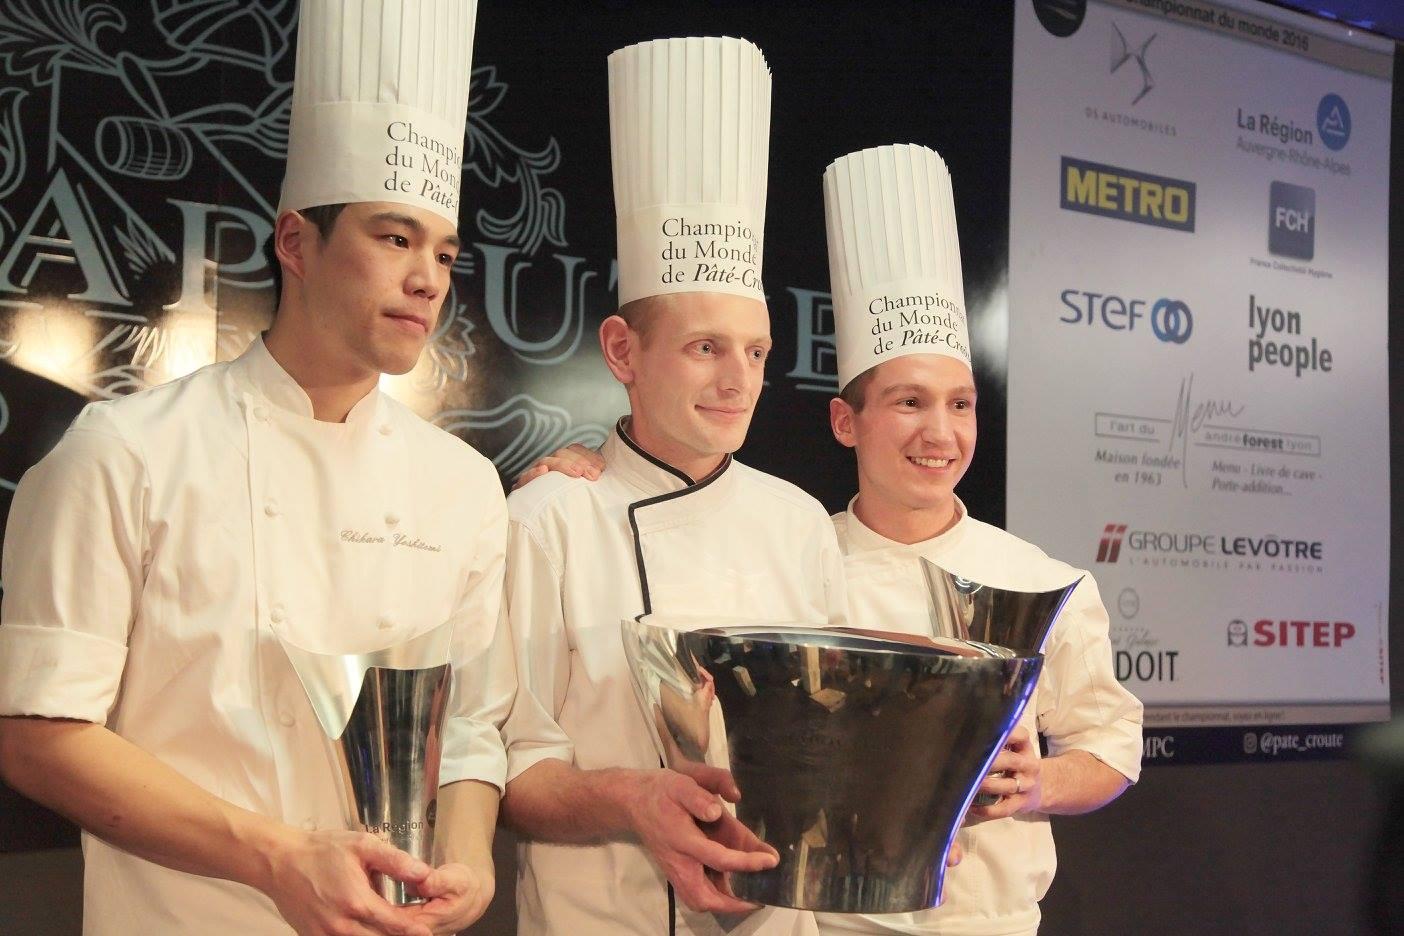 Jérémy DELORE – La Ferme du Poulet Villefranche-sur-Saône (69), est le huitième vainqueur du championnat du monde de pâté croûte_© Cloporte